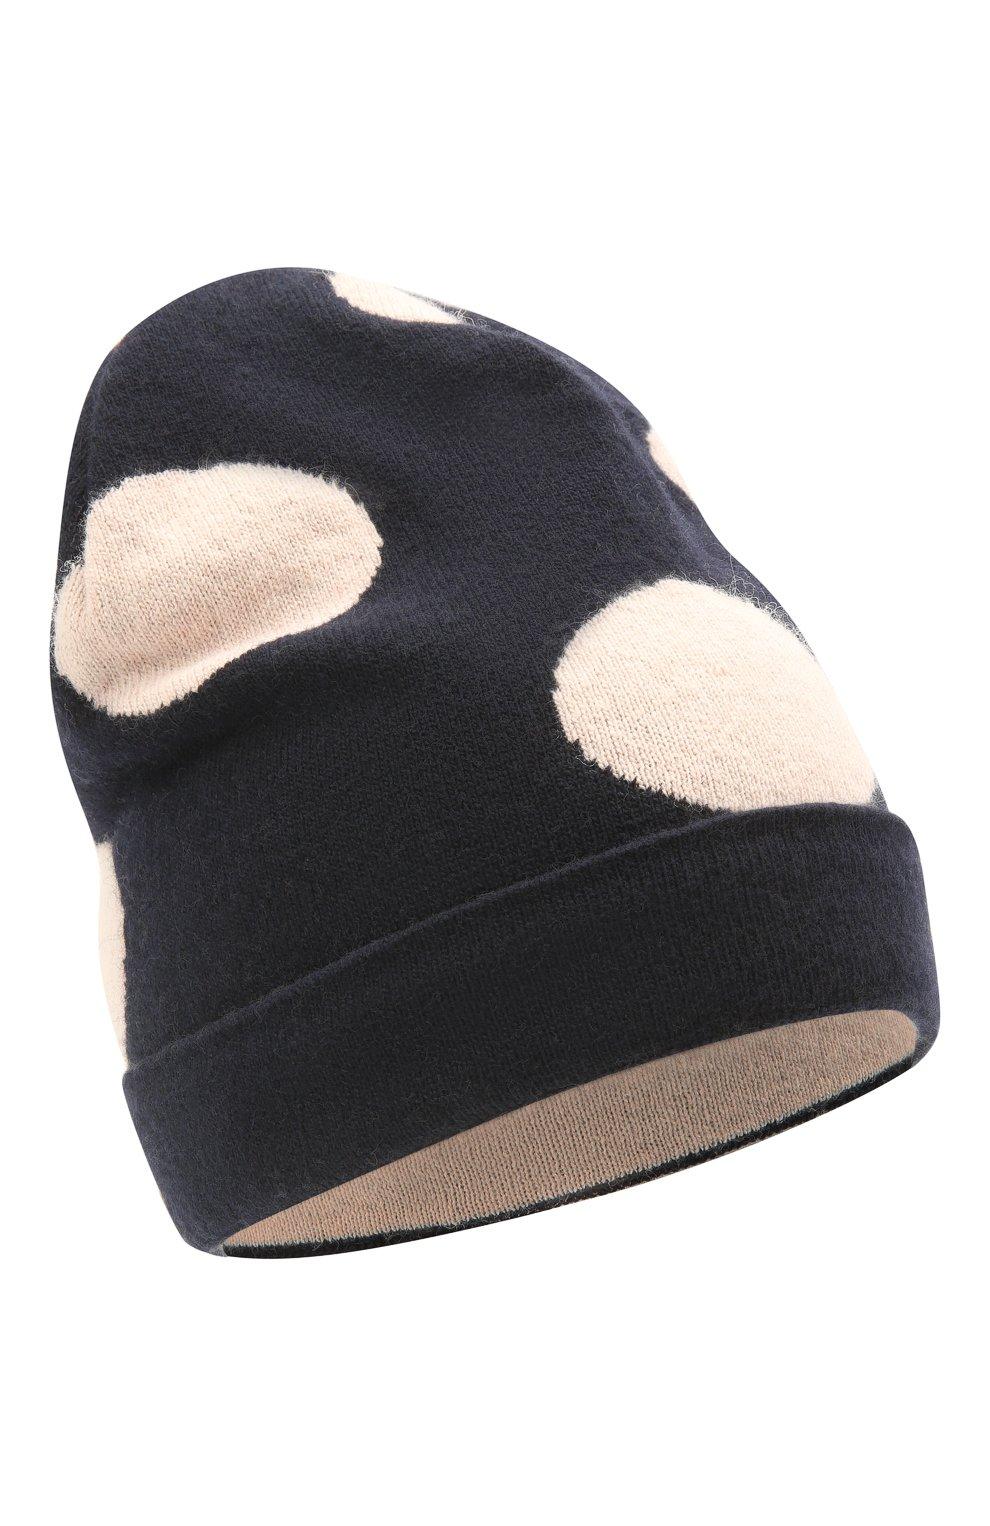 Детский комплект из шарфа и шапки EMPORIO ARMANI темно-синего цвета, арт. 397505/1A760   Фото 2 (Материал: Текстиль, Шерсть, Вискоза, Синтетический материал)